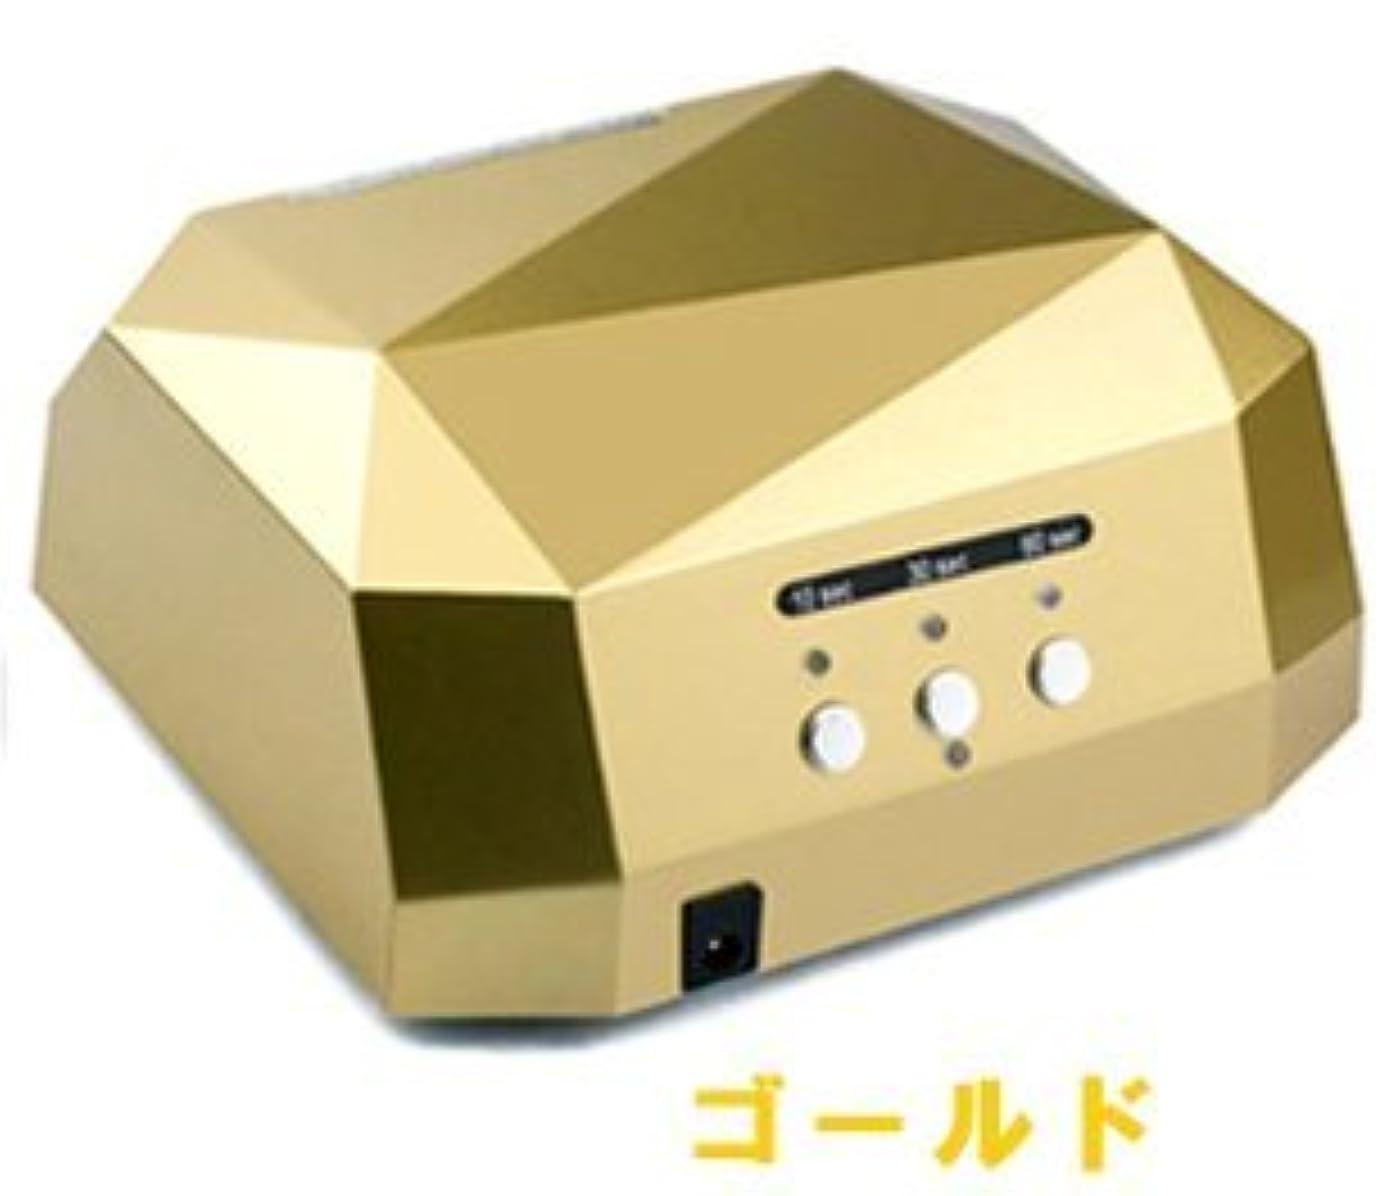 有能なトマトまでLED&CCFLダブル搭載 36Wハイパワーライト/ダイヤモンド型/タイマー付き!/自動感知センサー付き!【全4色】 (ゴールド)